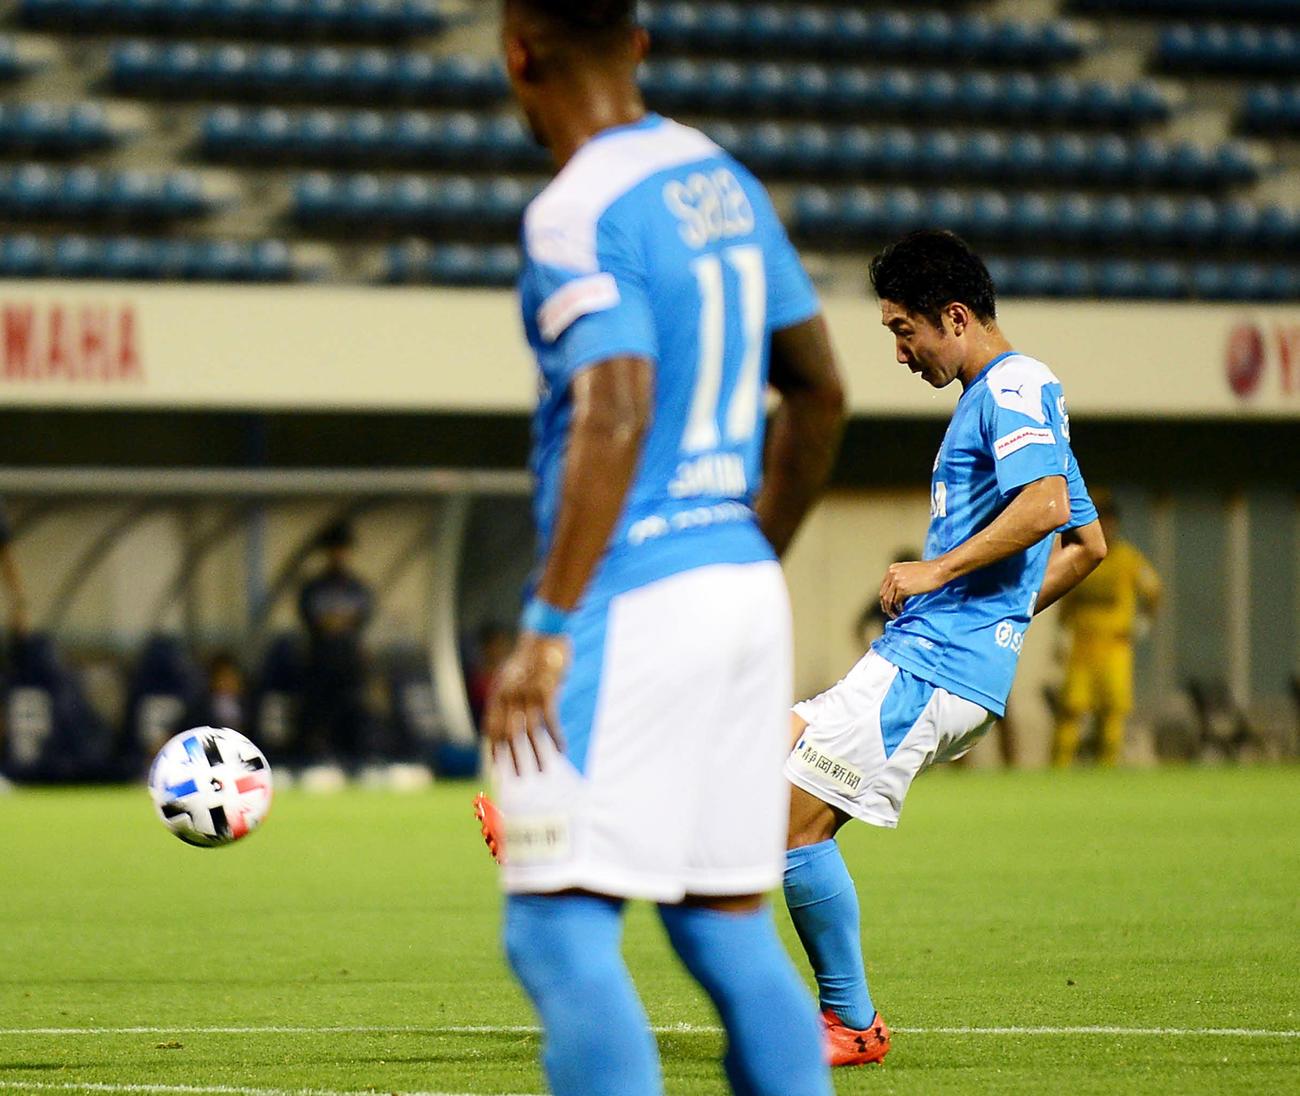 後半25分、FKで同点ゴールを決める磐田MF上原(撮影・前田和哉)